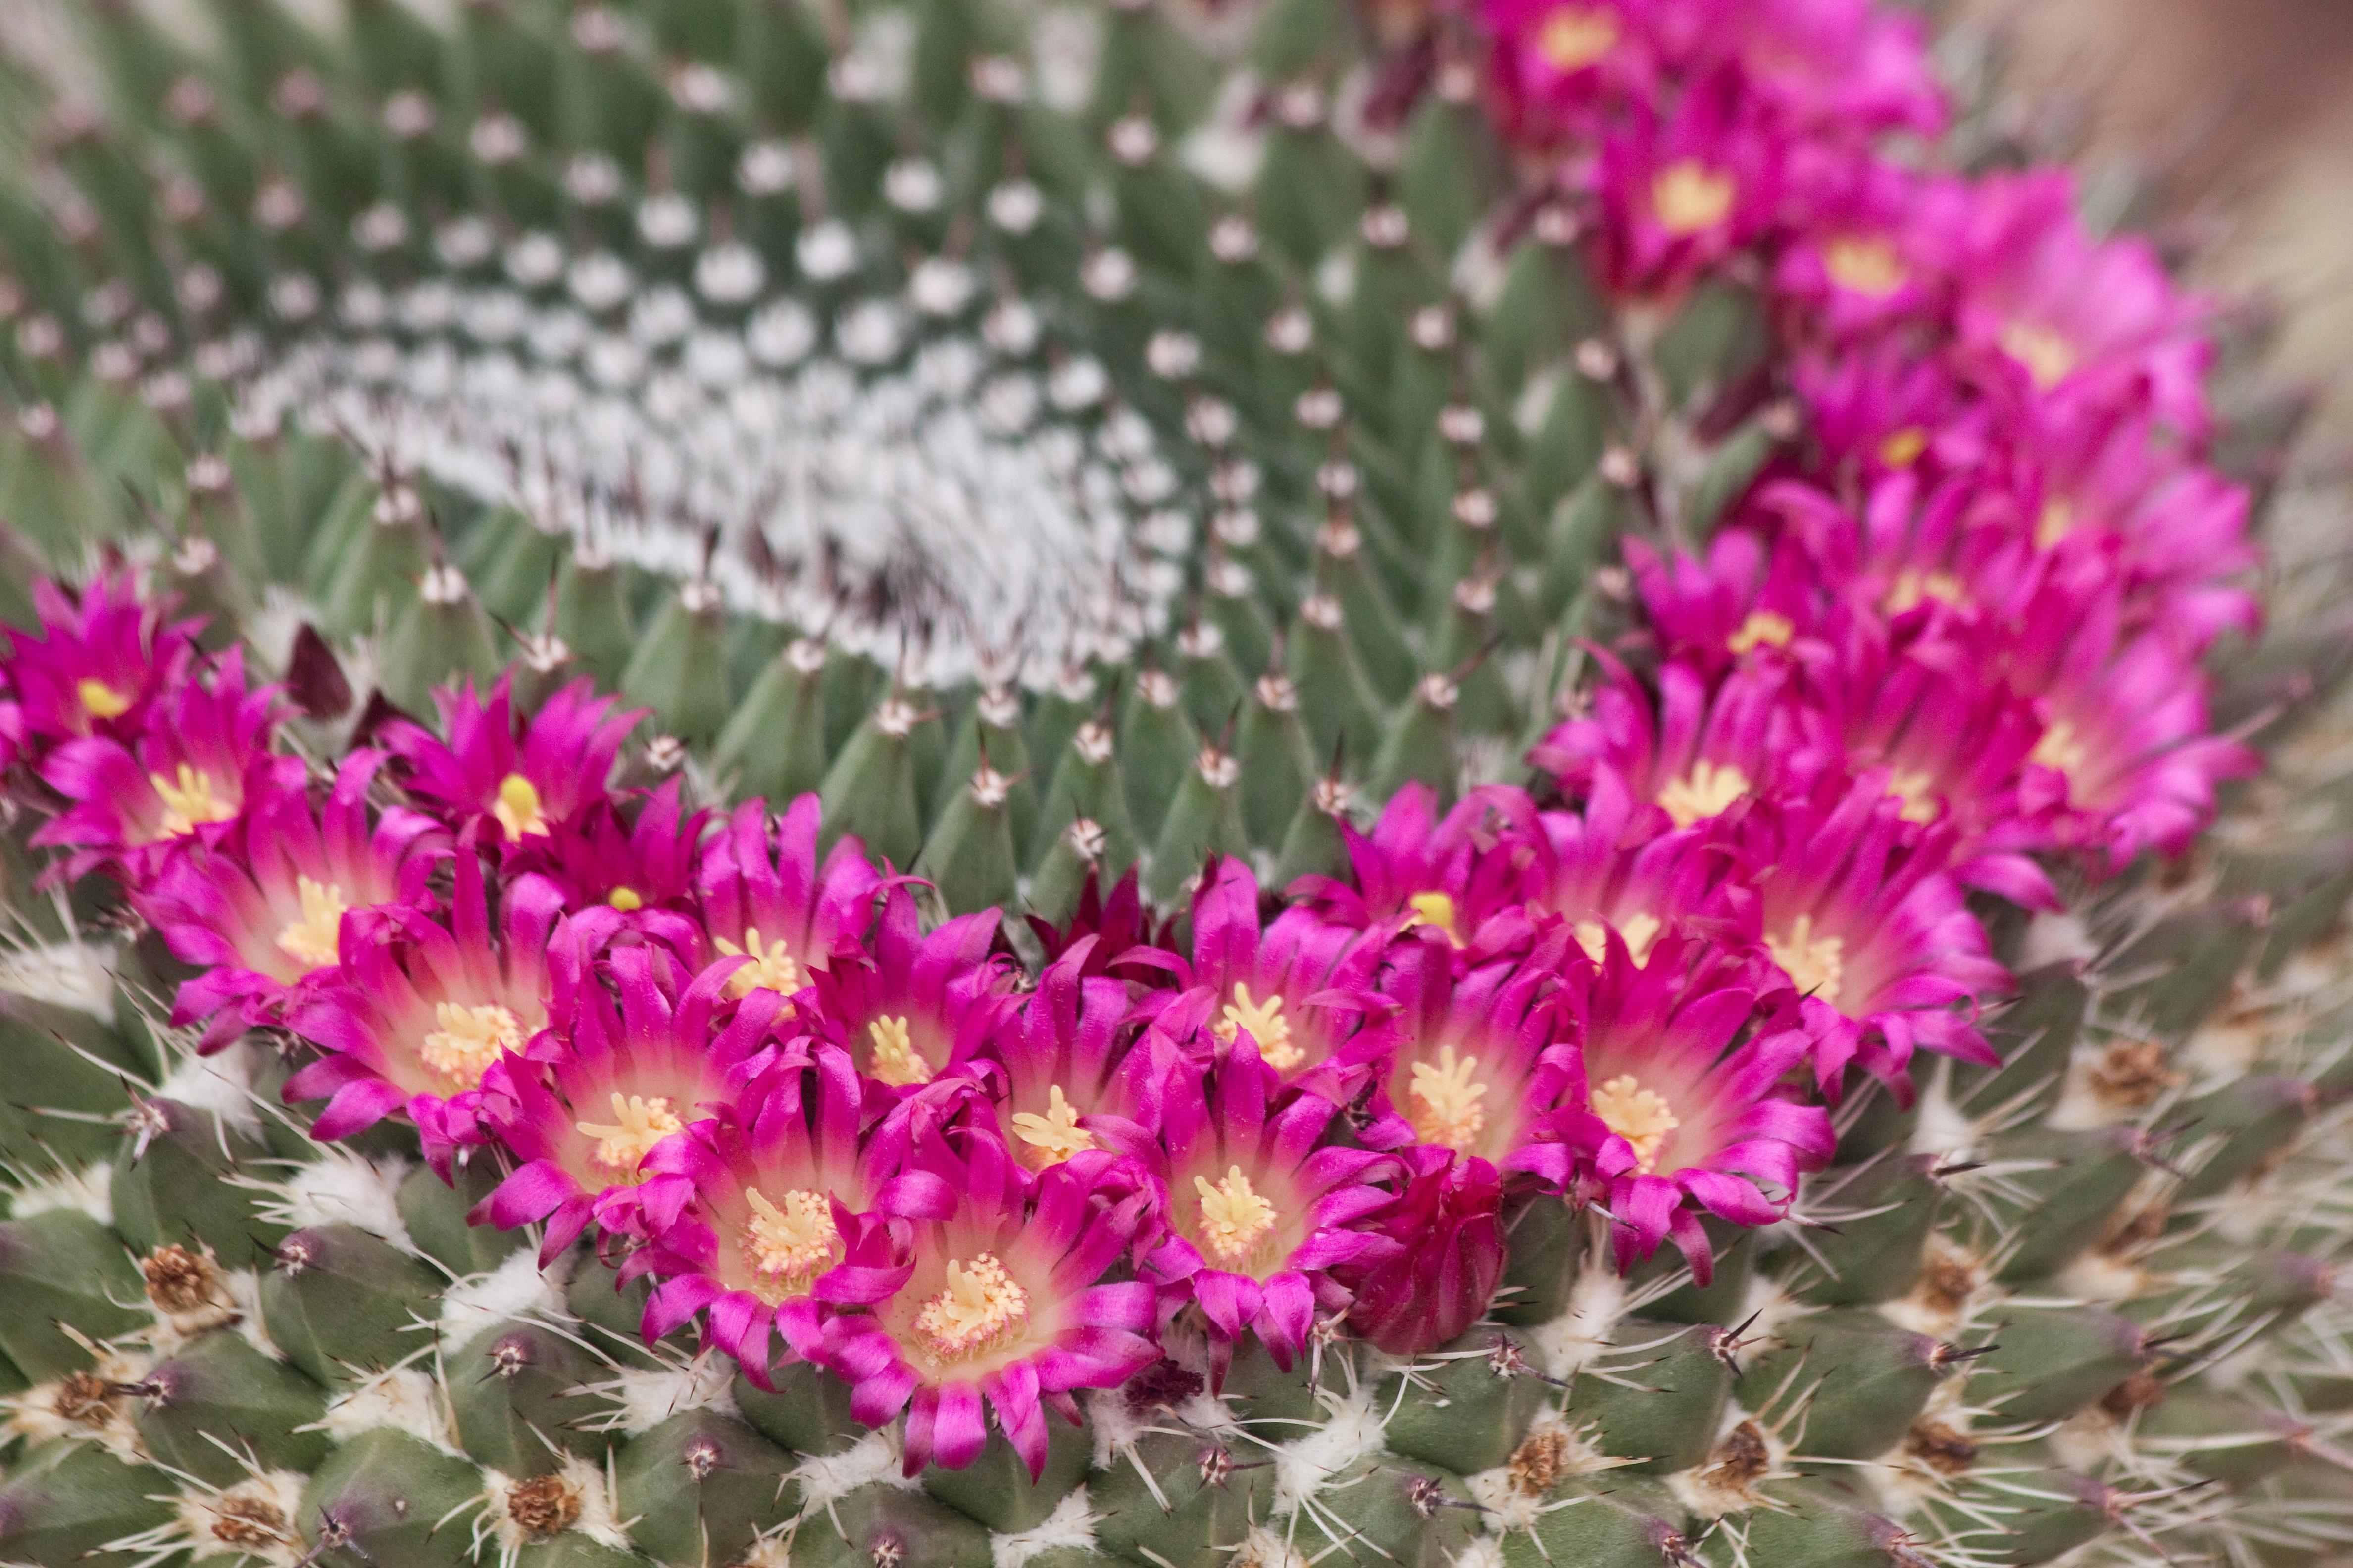 images gratuites : la nature, épineux, cactus, fleur, pétale